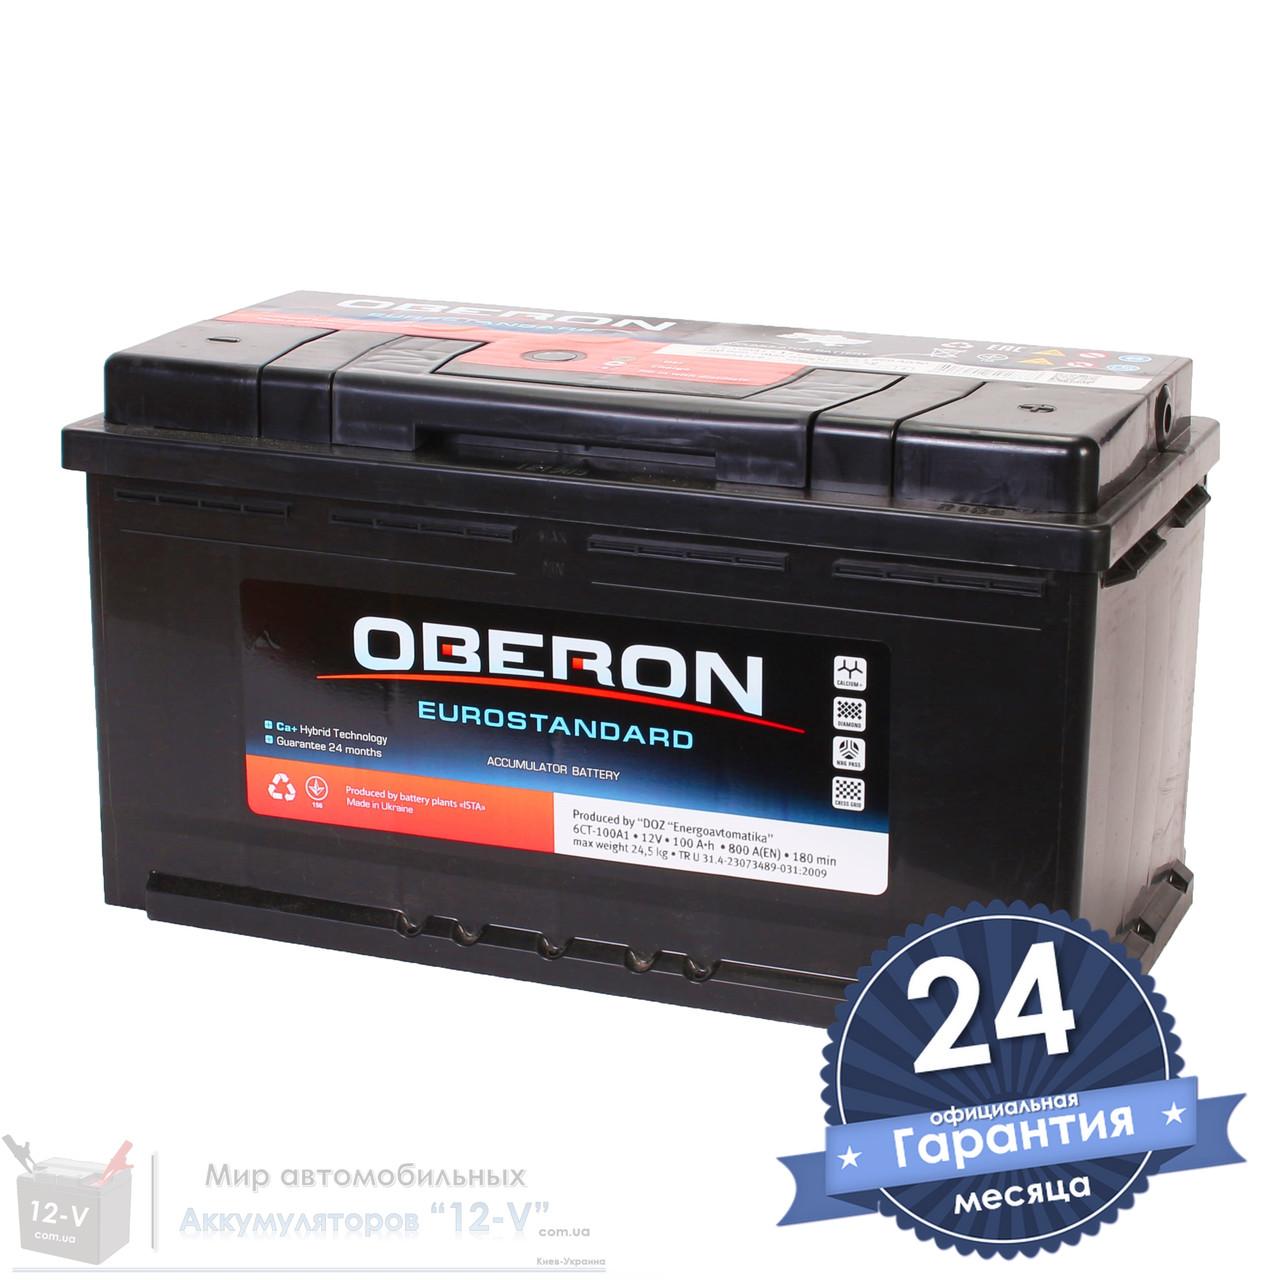 Аккумулятор автомобильный OBERON Eurostandard 6CT 100Ah, пусковой ток 800А [–|+]